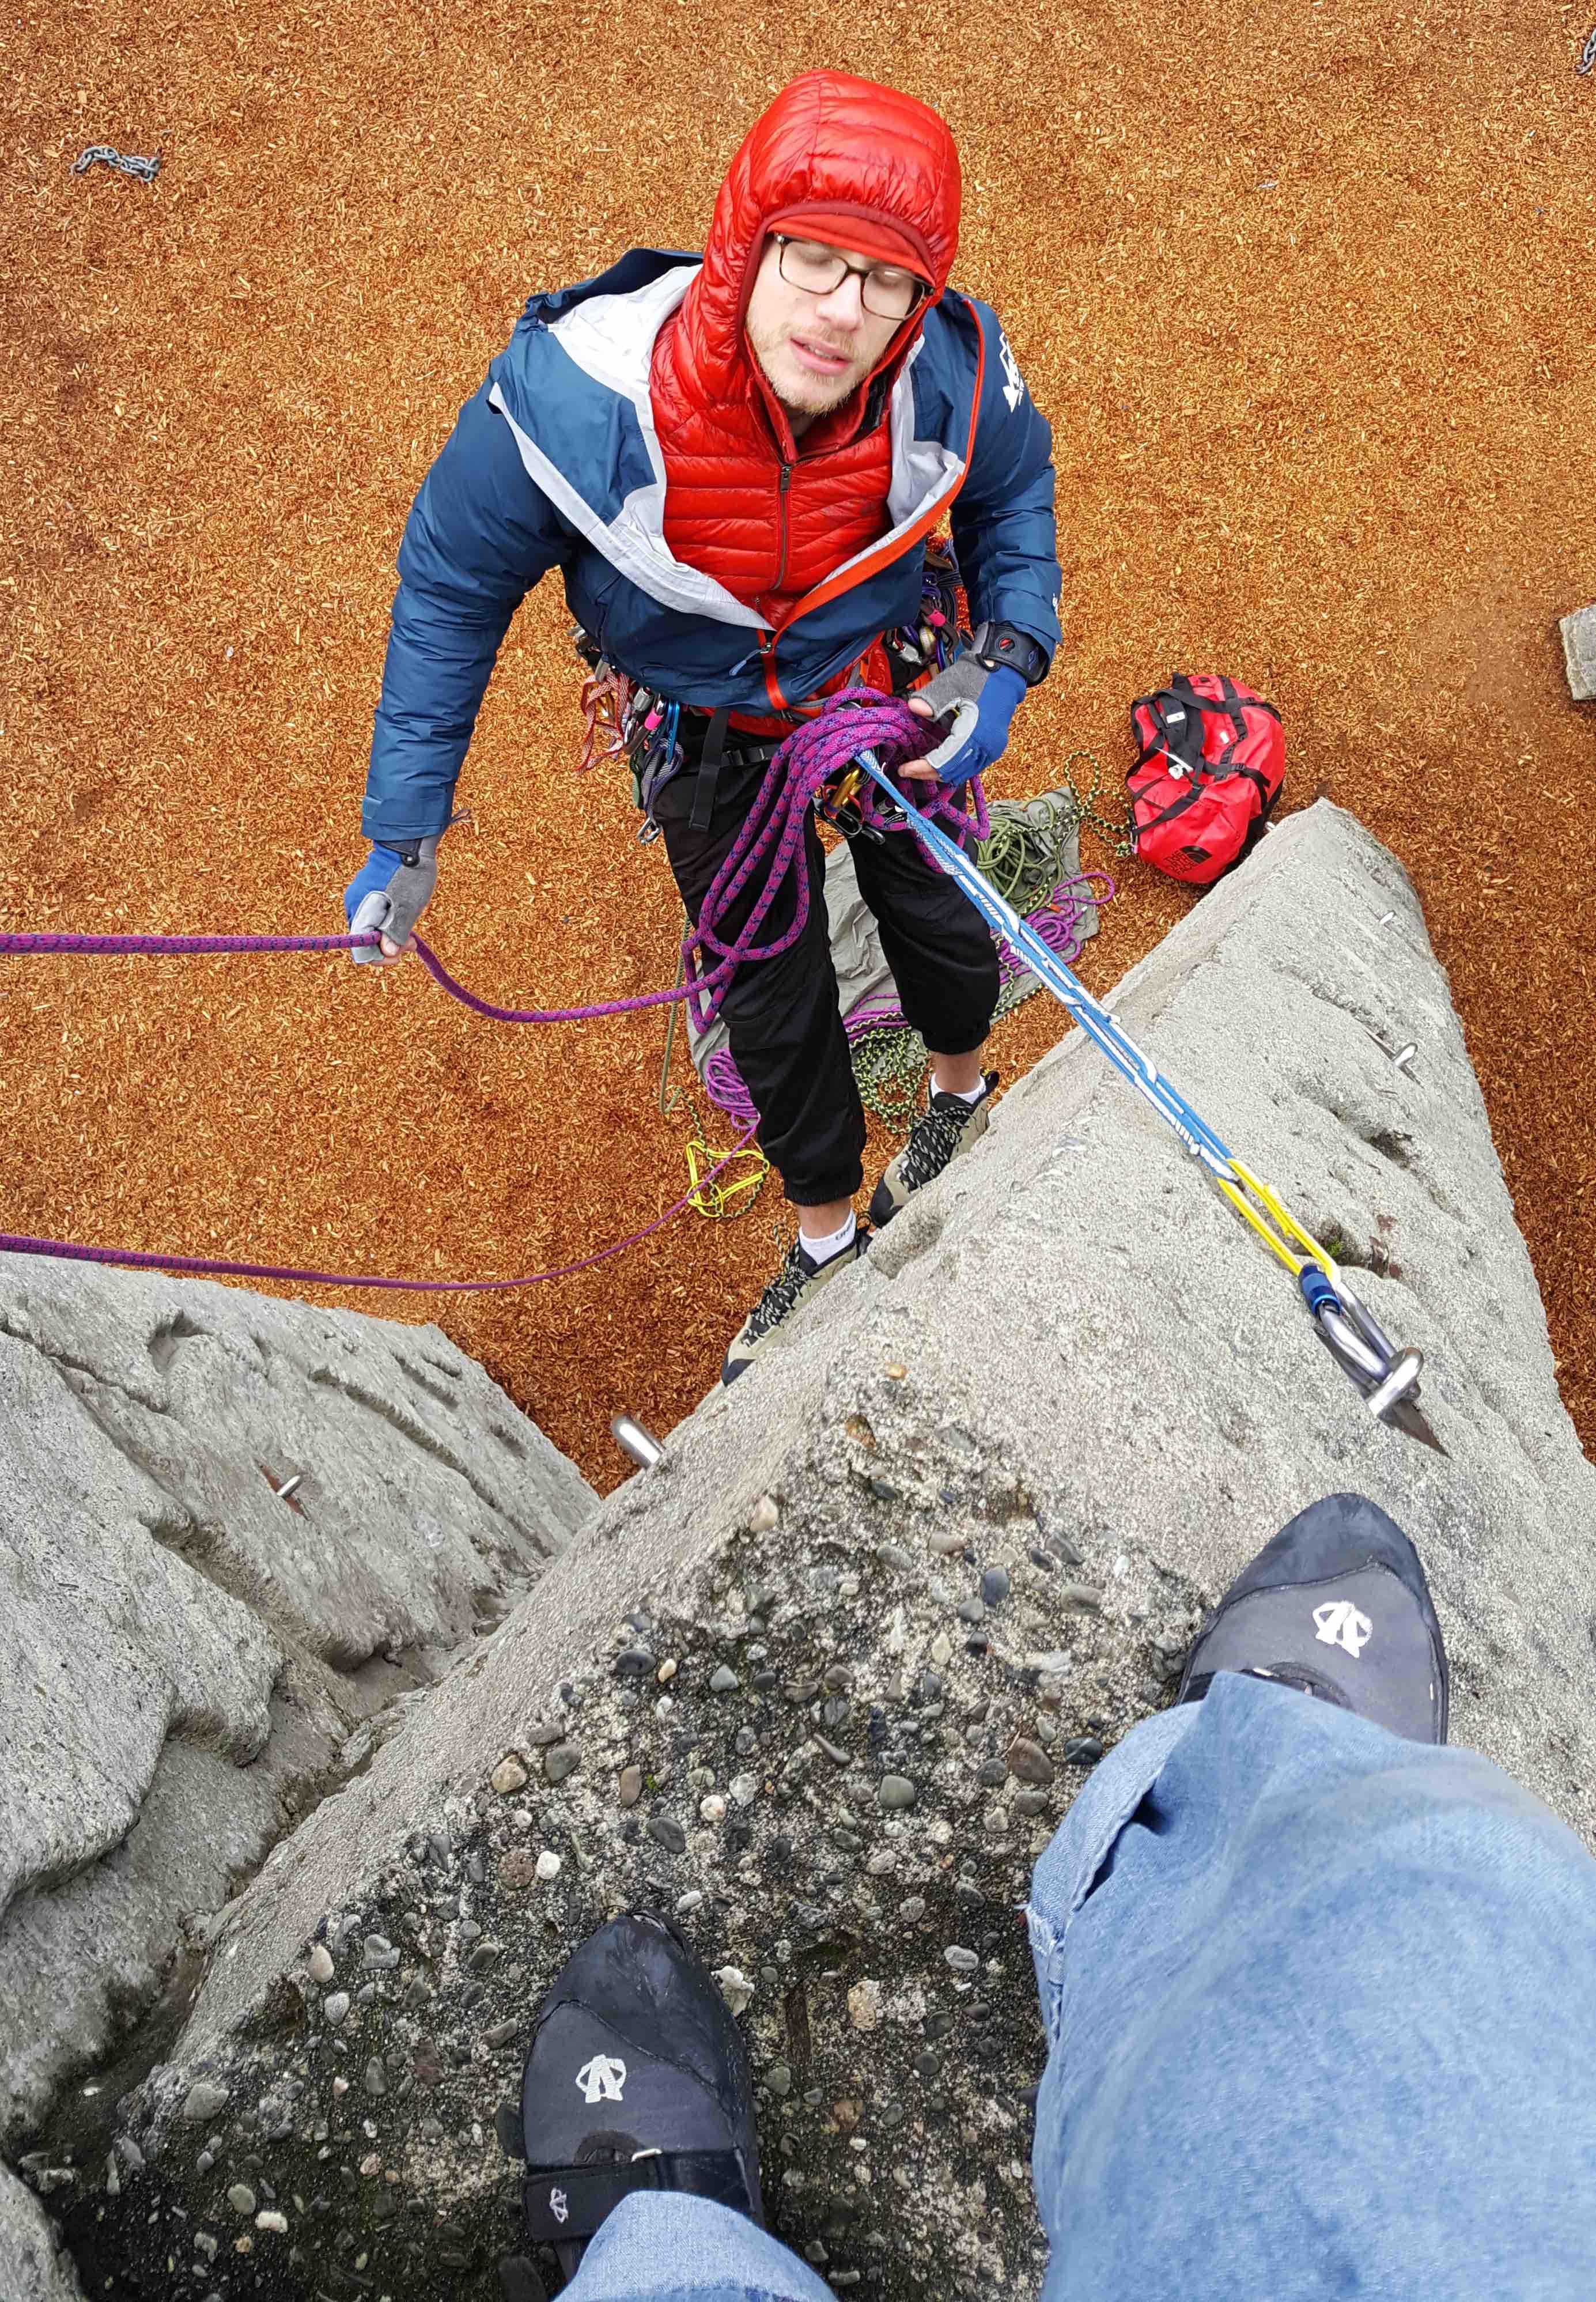 20180225_rope_handling